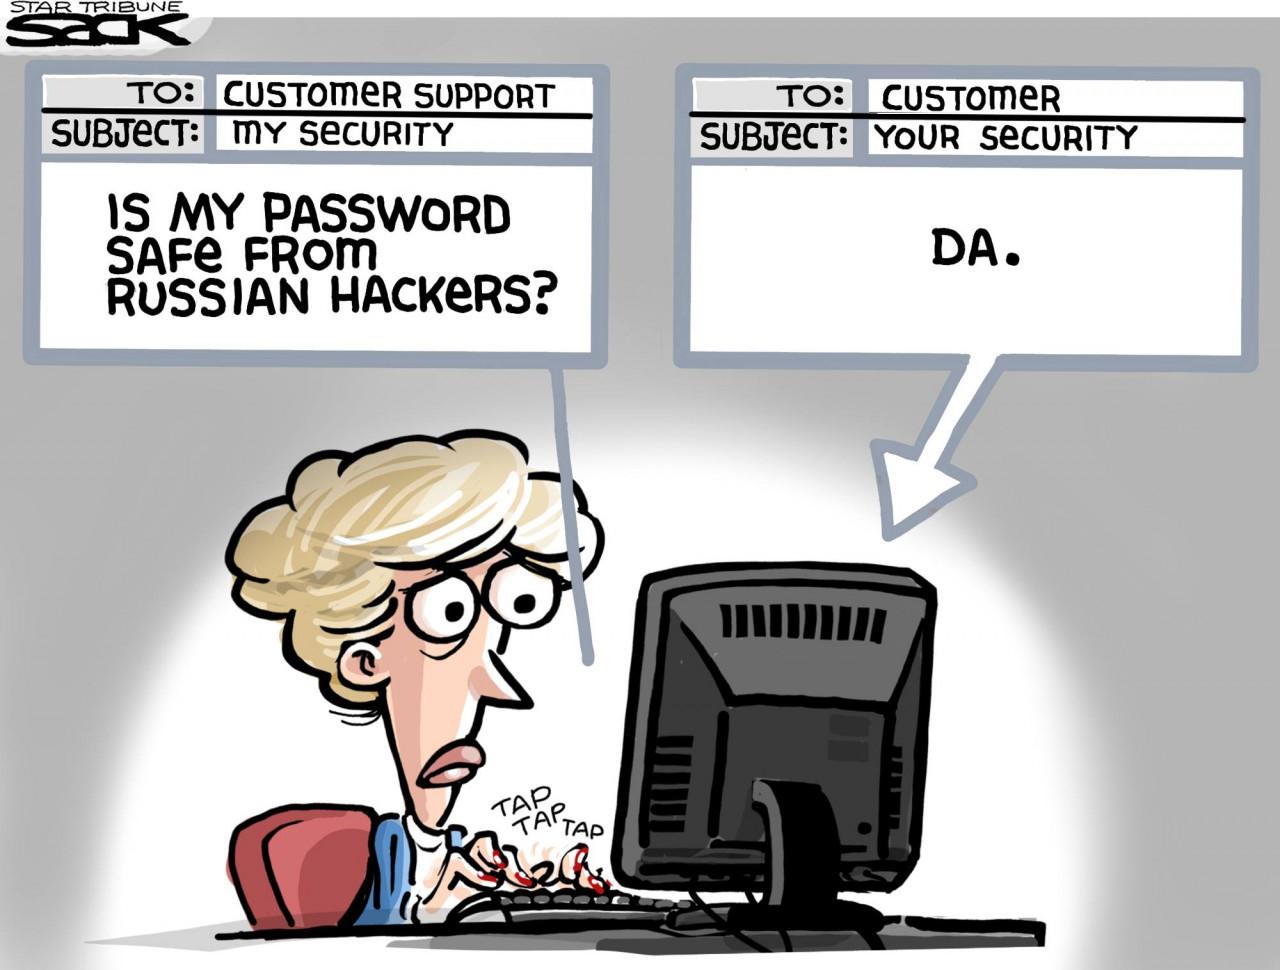 ФБР и министерство внутренней безопасности США предупредили американские энергокомпании о киберугрозе со стороны России - Цензор.НЕТ 2592